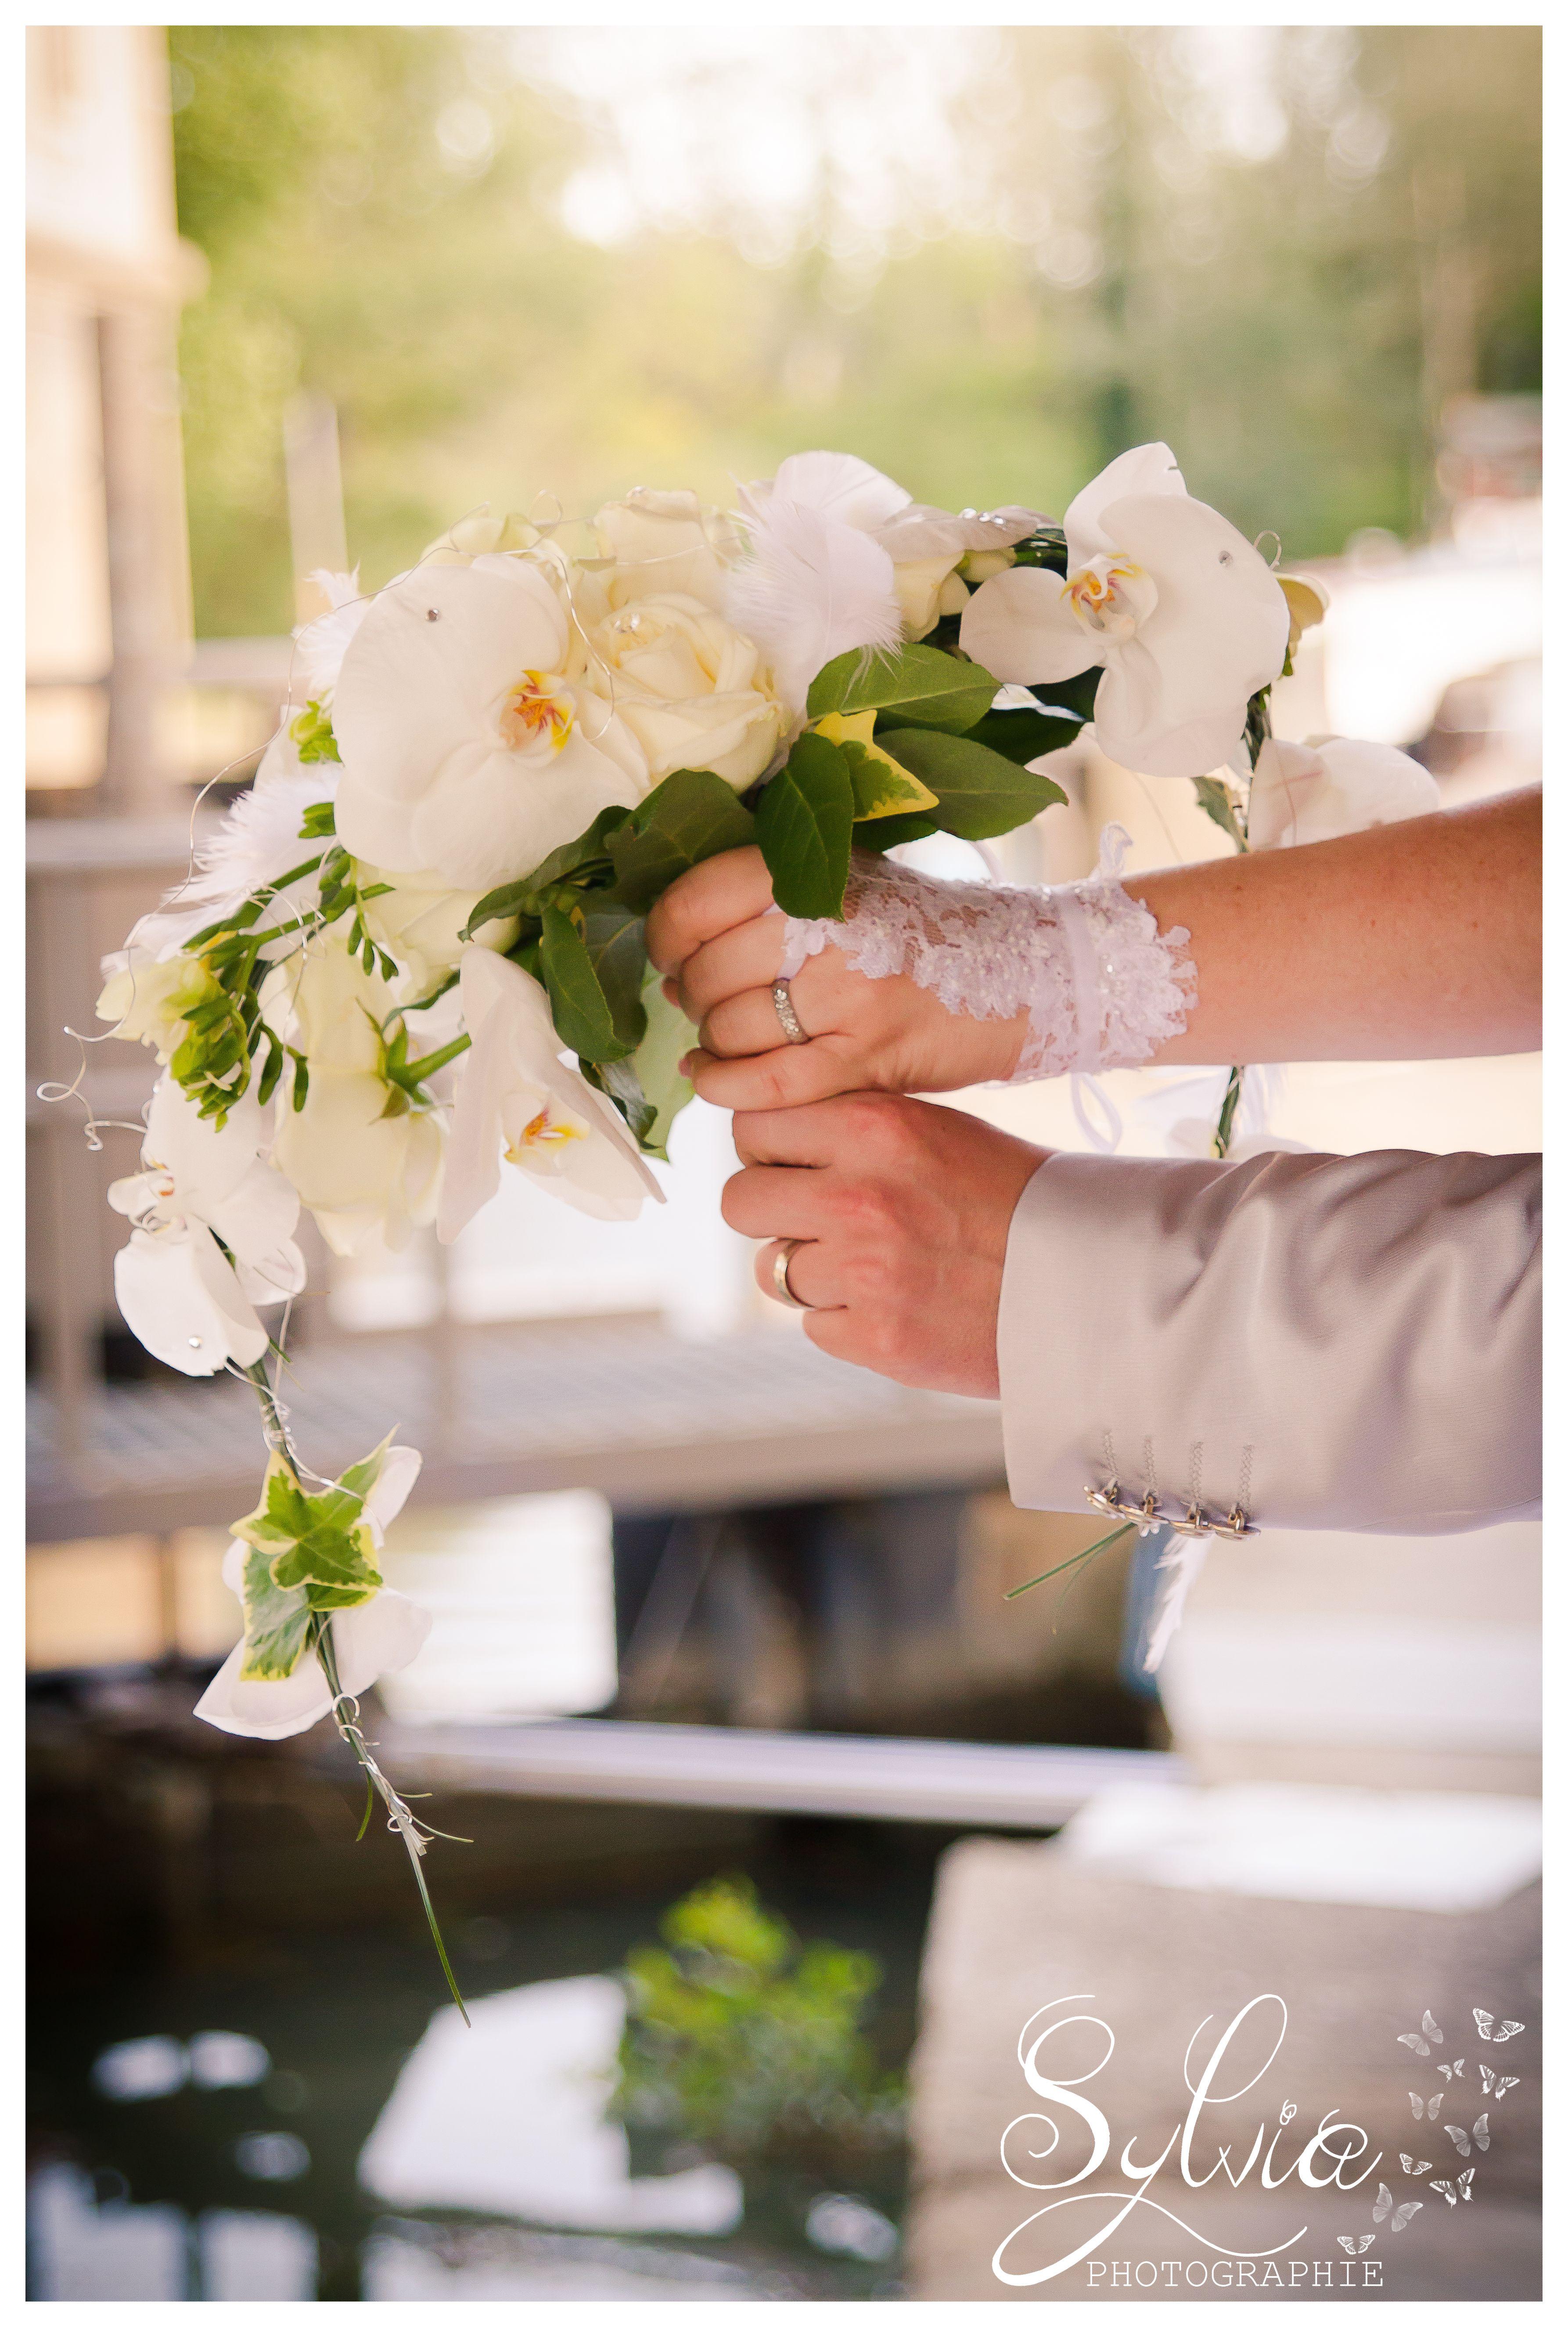 mariage jennifer et loic - sylvia photographie -6122bis